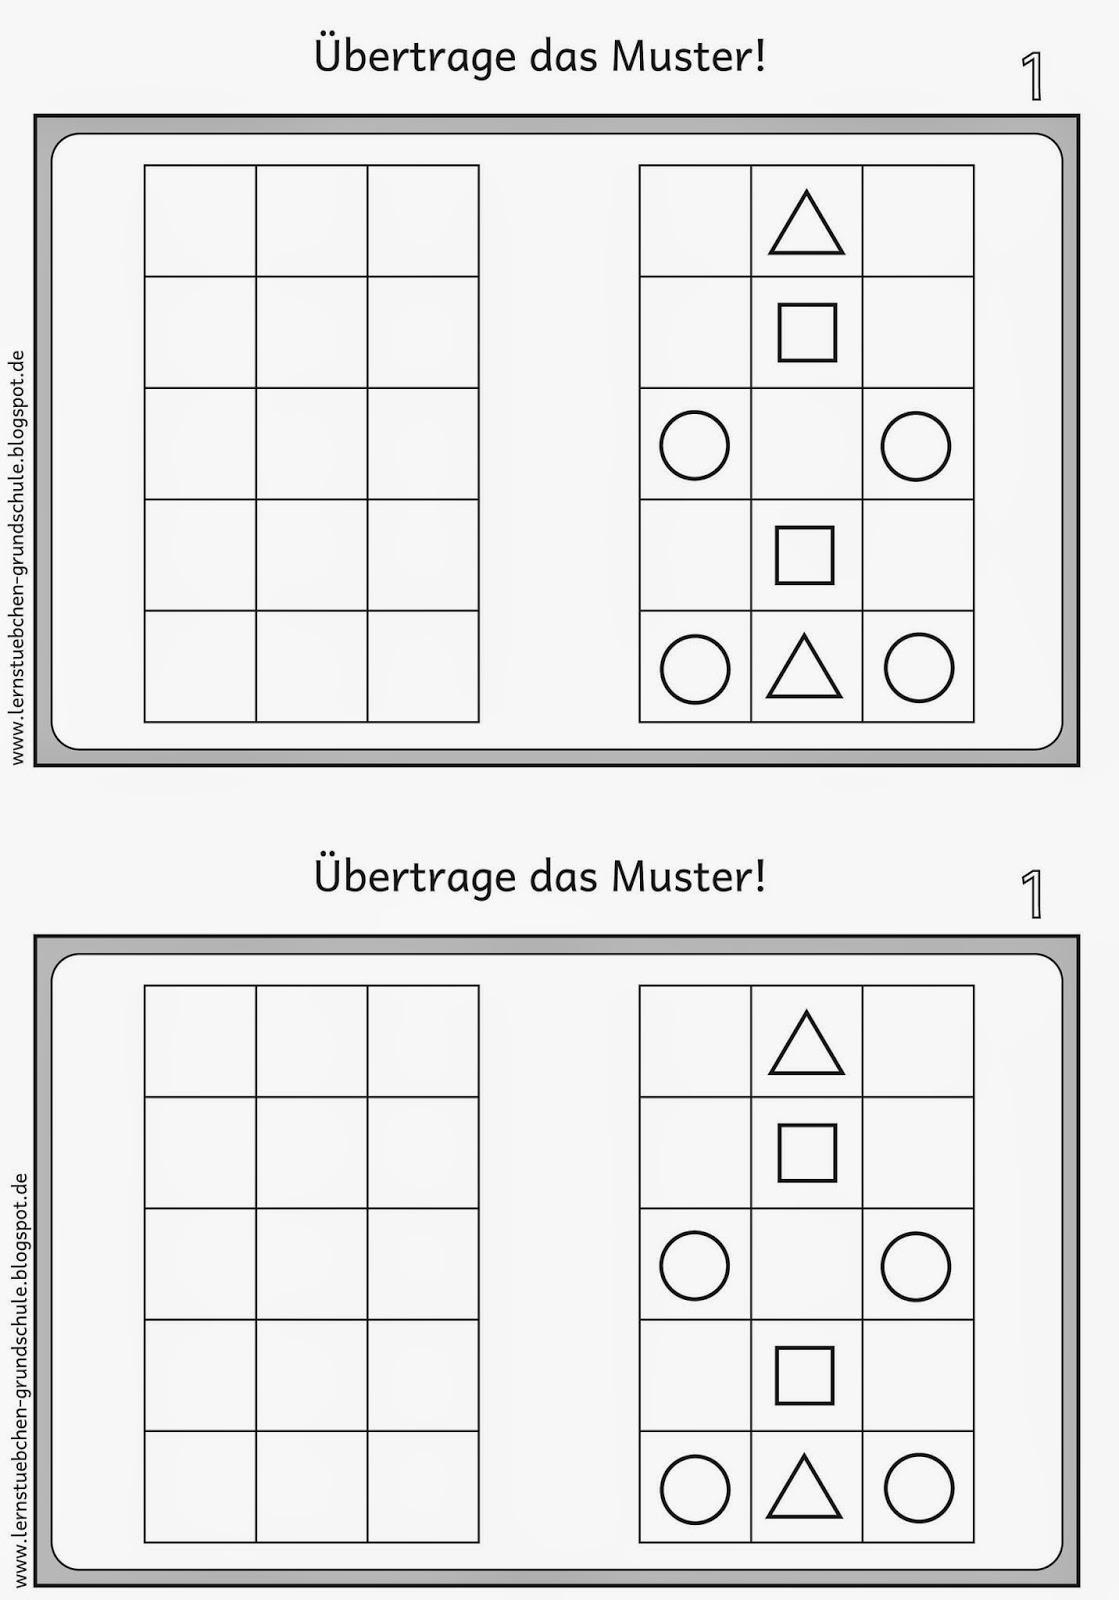 Lernstübchen: Muster übertragen für Linkshänder (1)